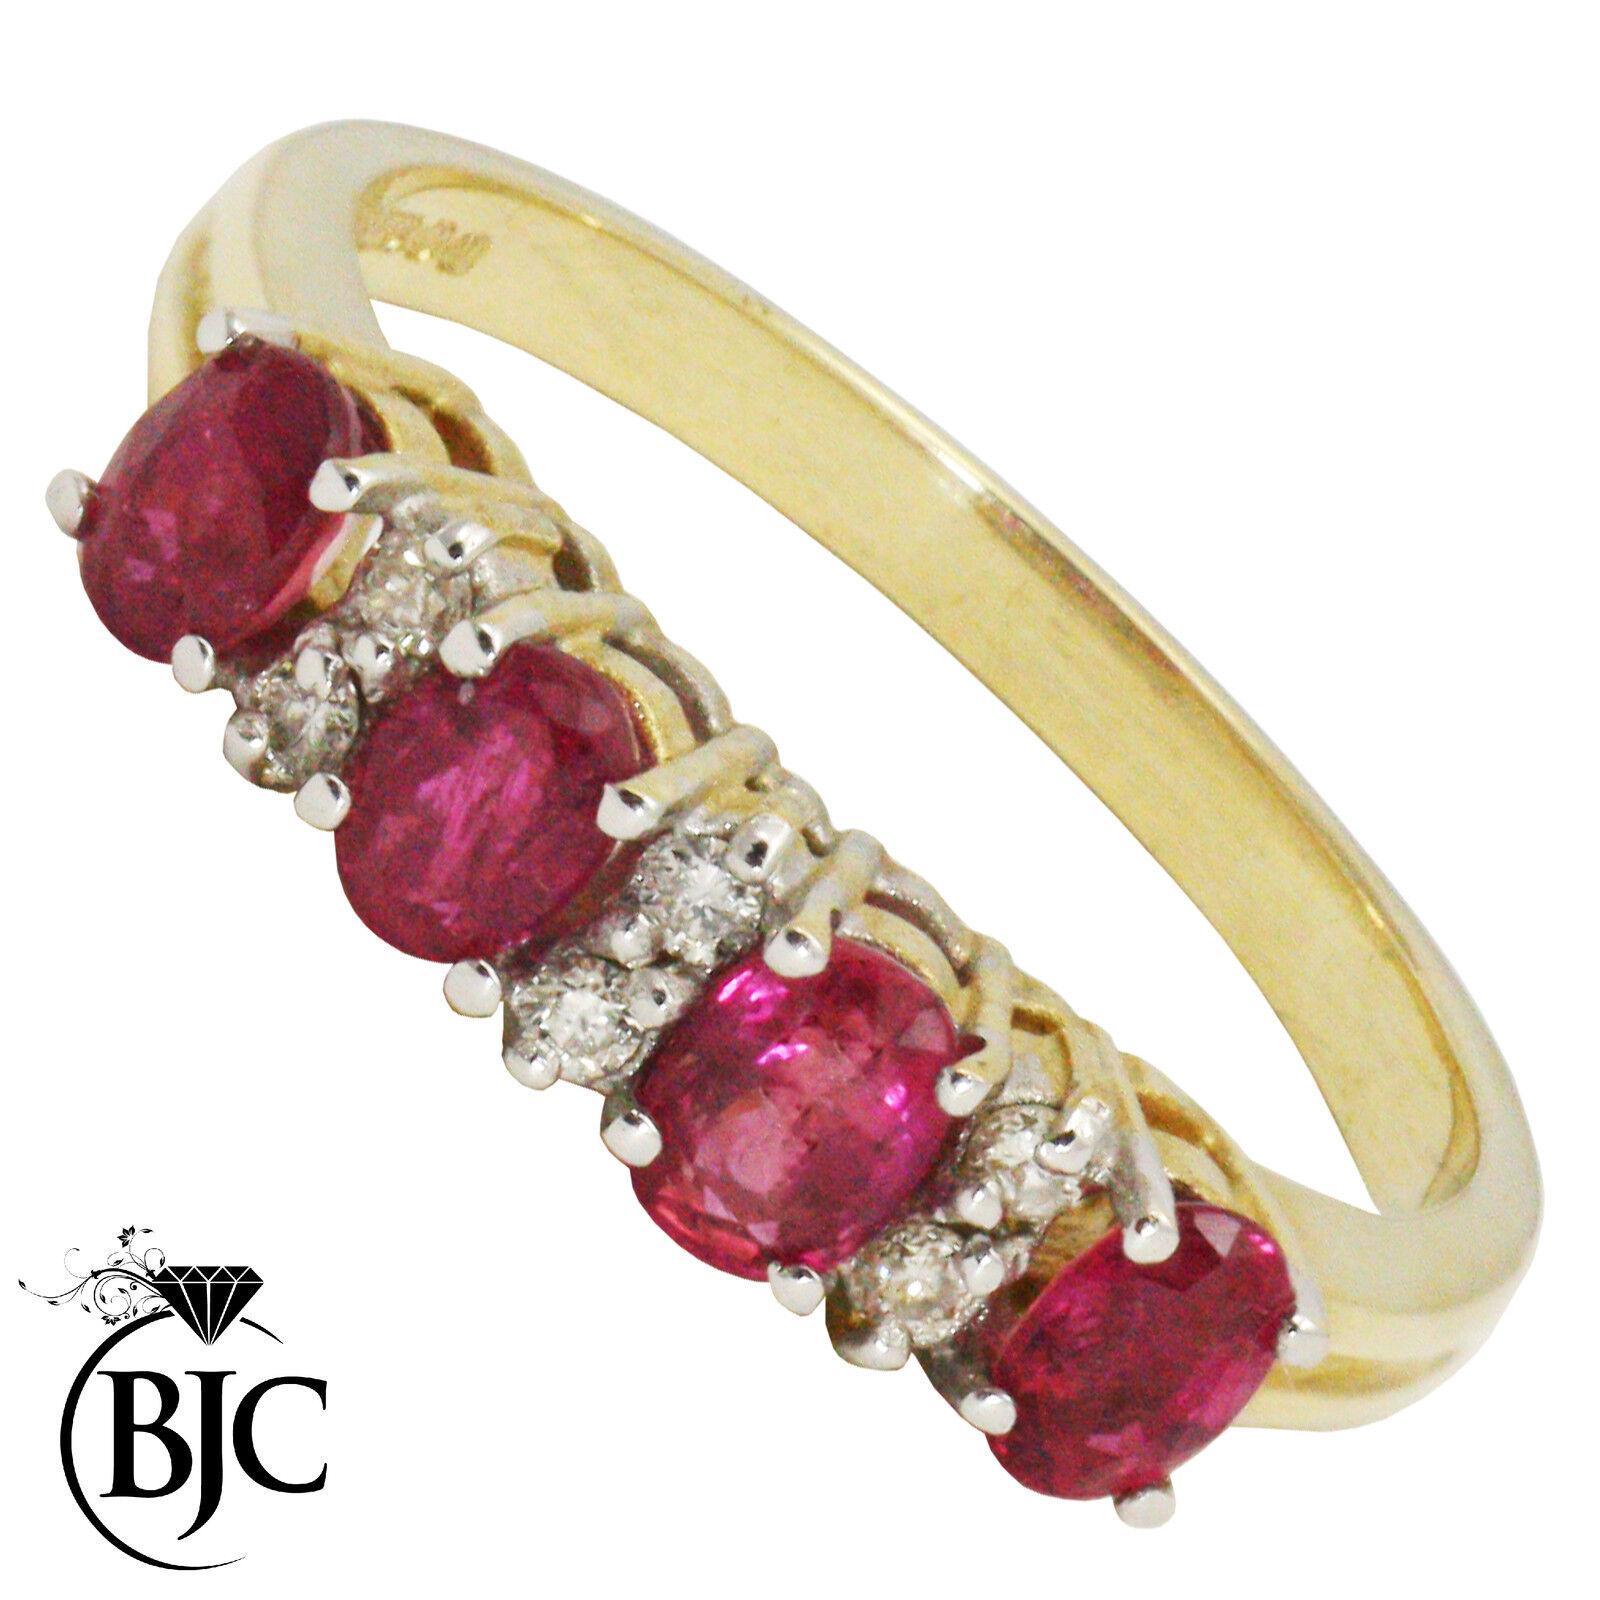 Bjc 9 Karat yellowgold Rubin & Diamant Ewigkeit GRÖSSE M Verlobung Kleid Ring R15